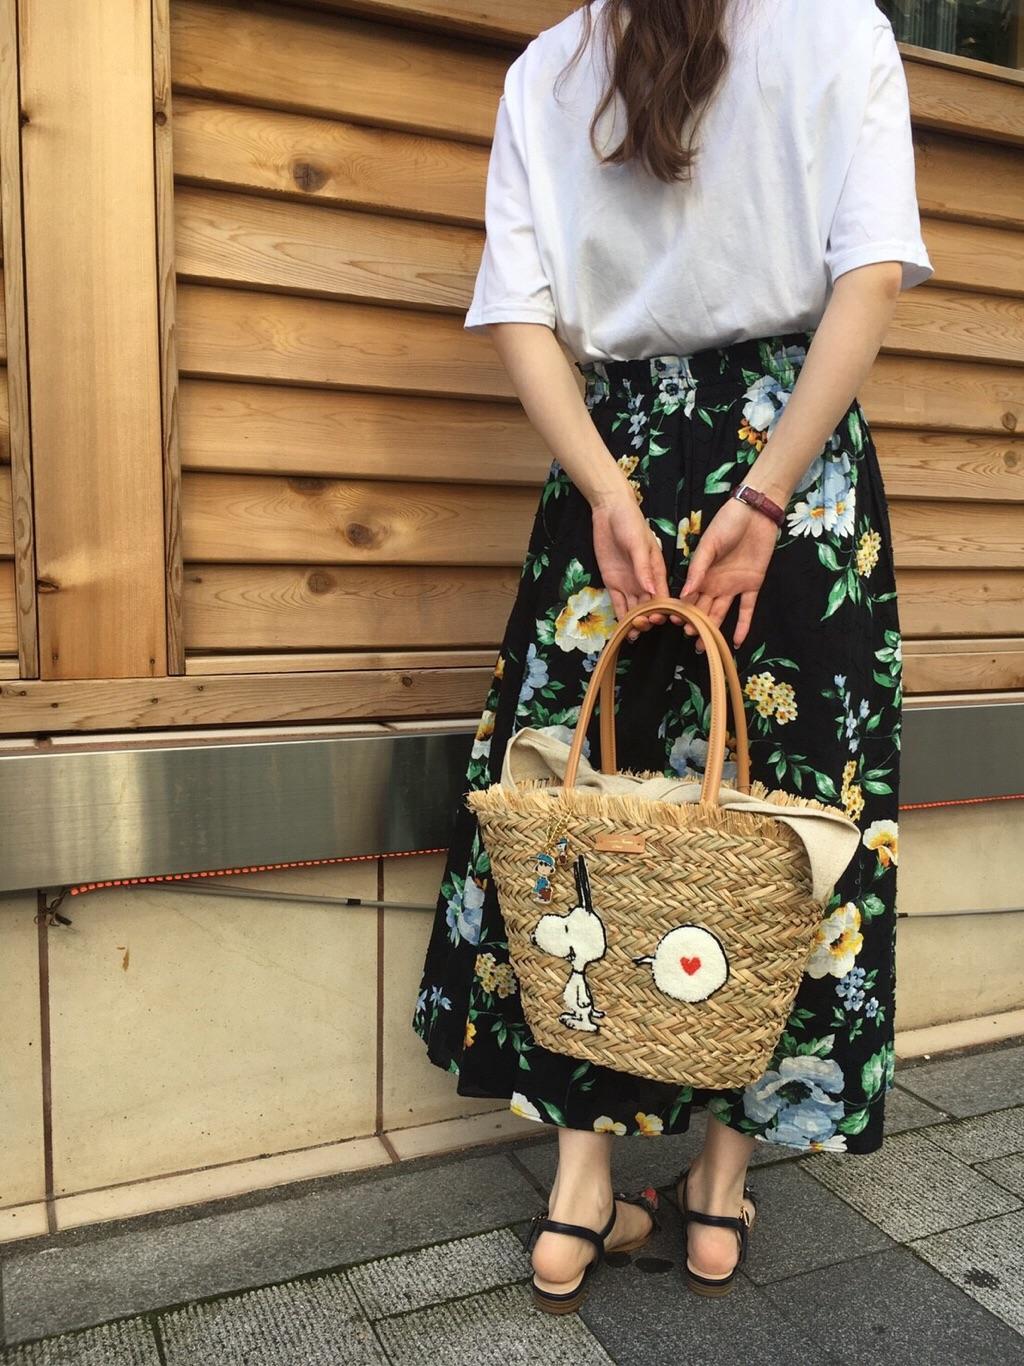 サマンサタバサエスティニー 静岡パルコ店 momo